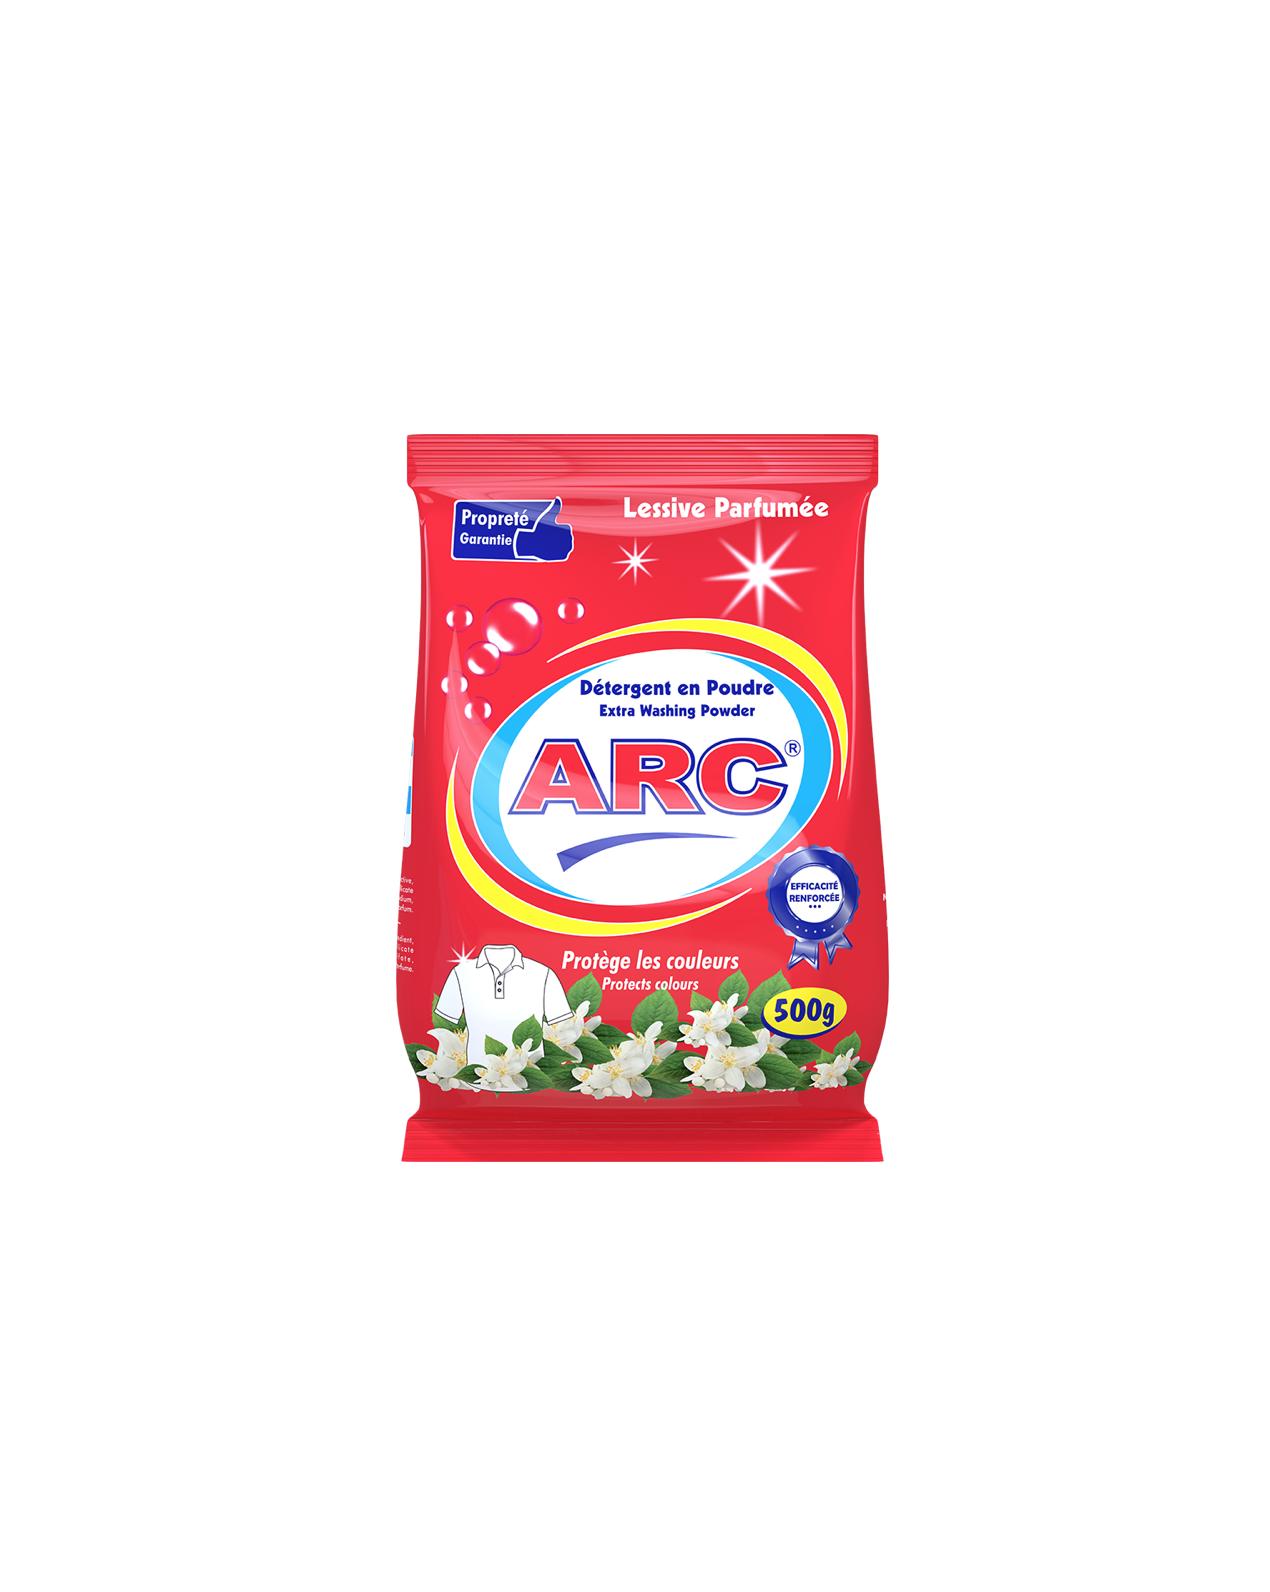 ARC_FP 500g_Siprochim